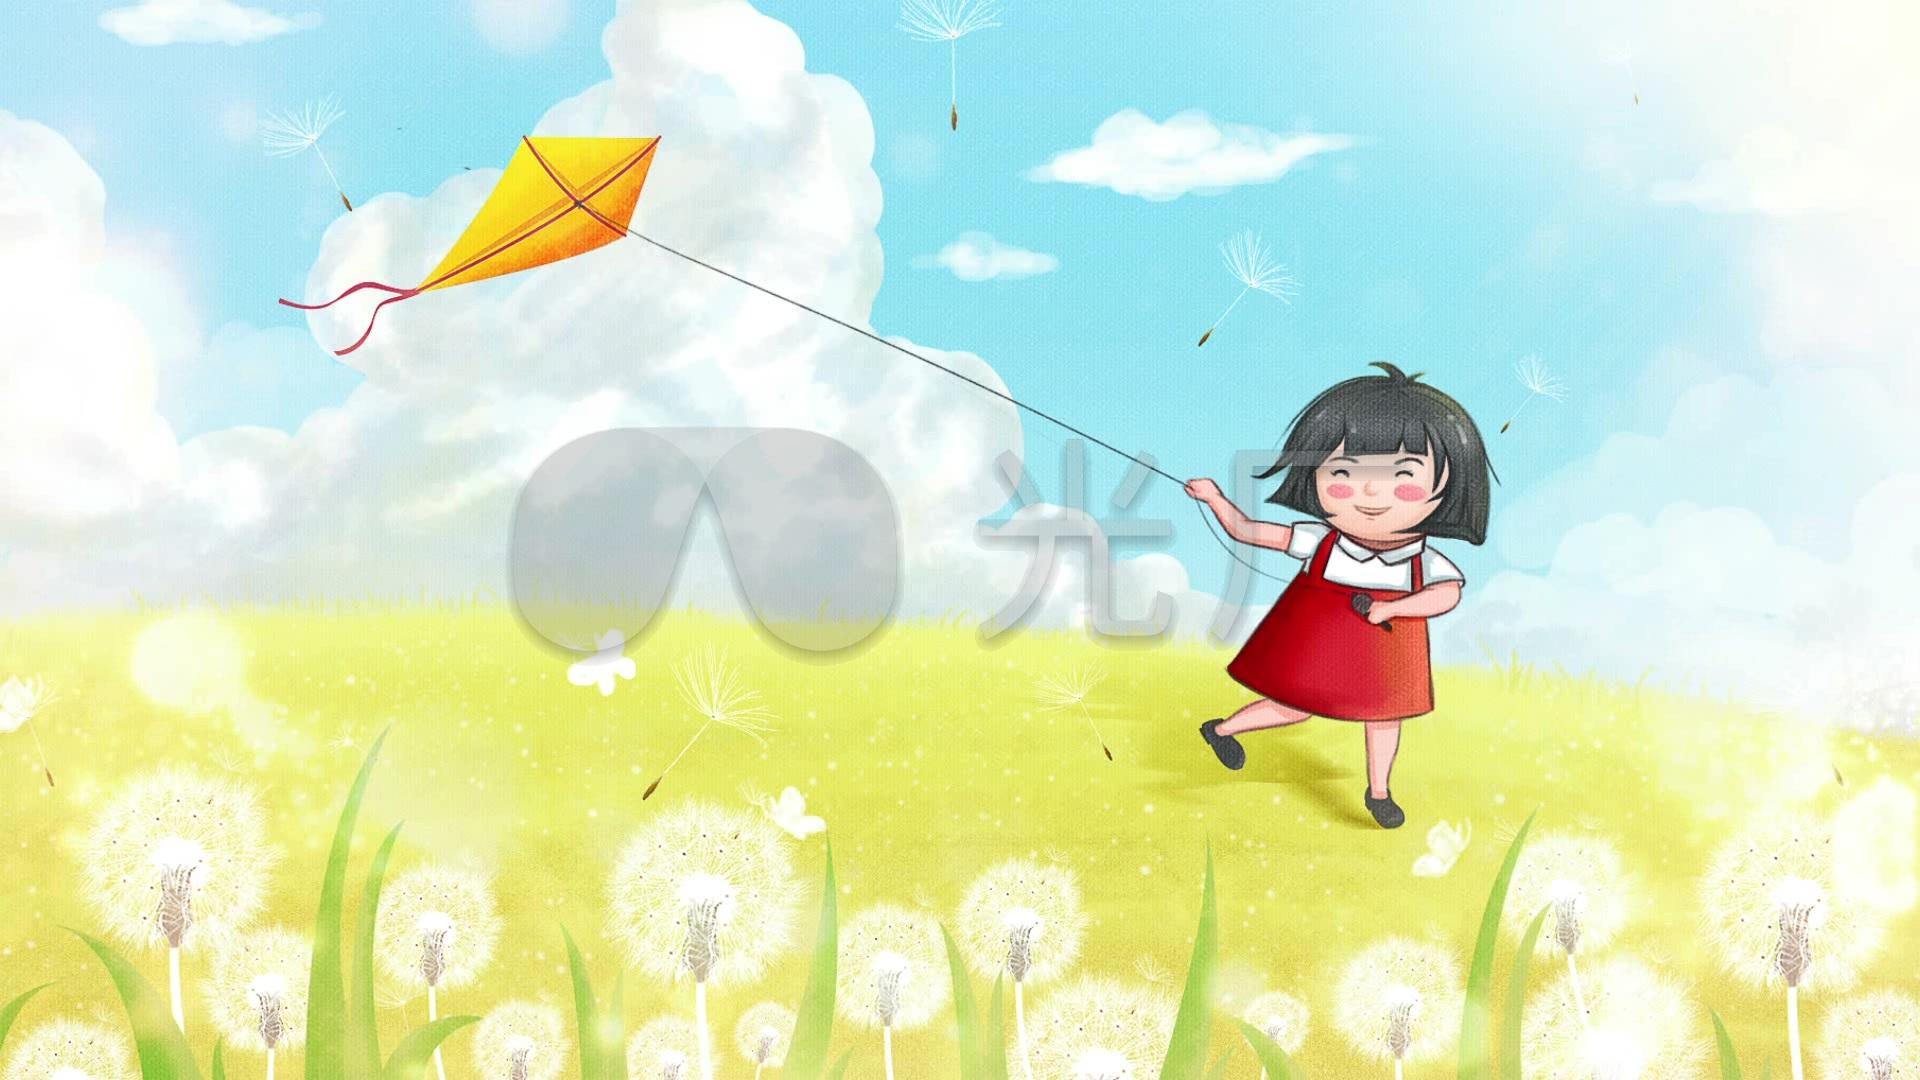 童年张艾嘉led背景校园歌曲儿童歌曲经典_192